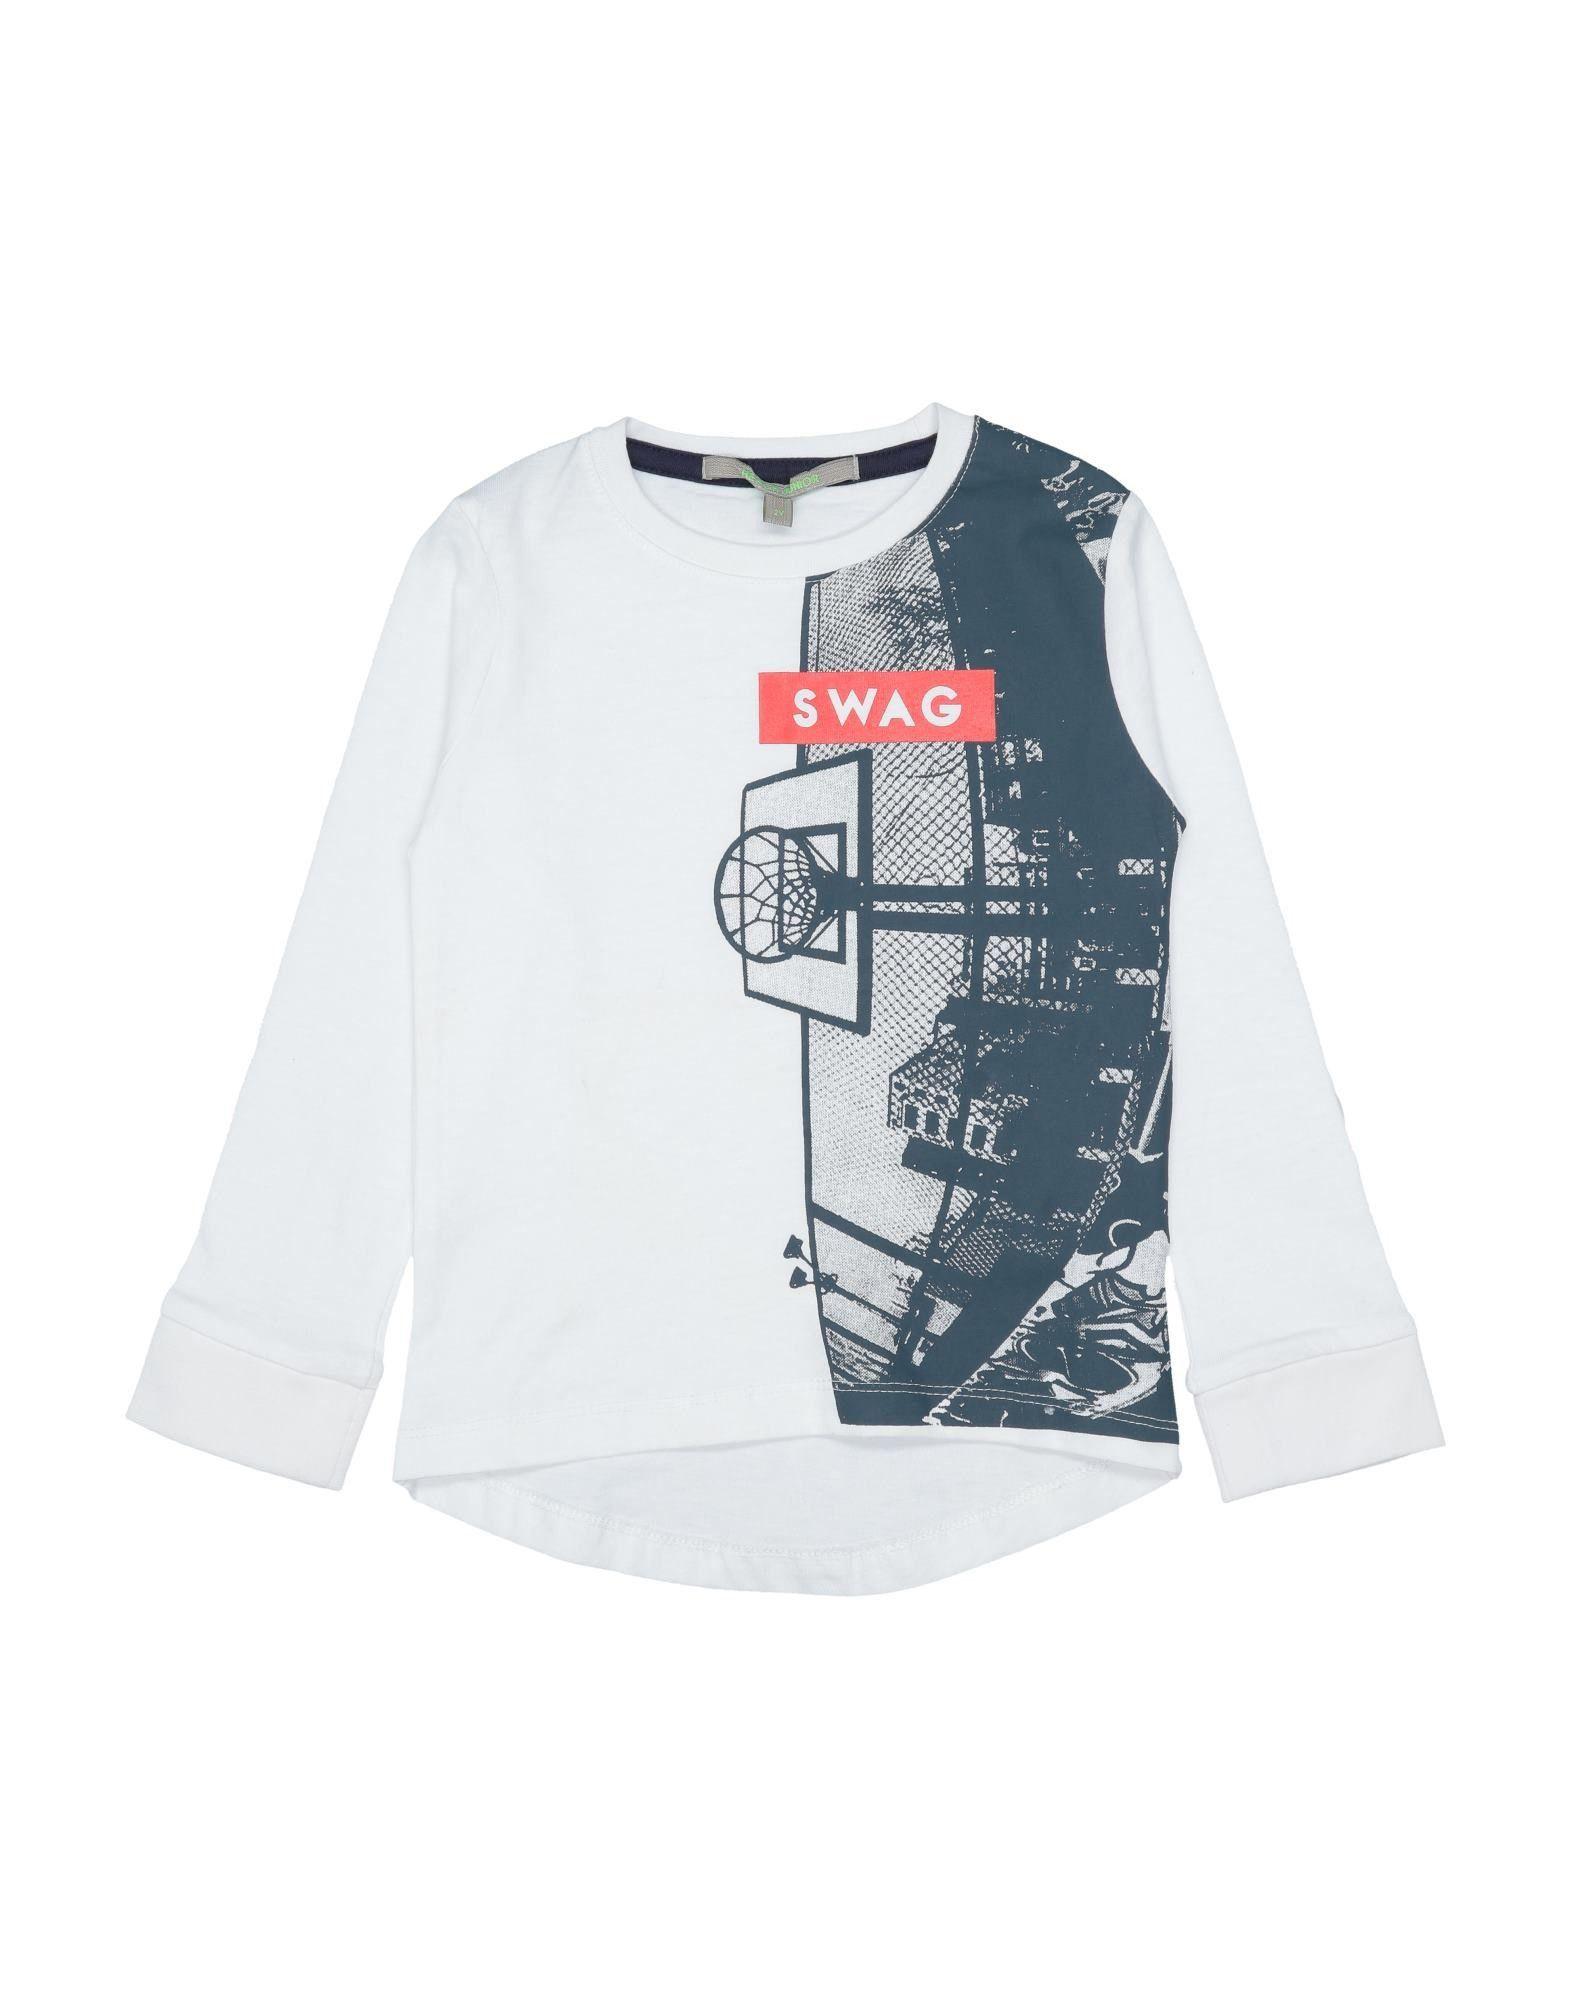 Heach Junior By Silvian Heach Kids' T-shirts In White